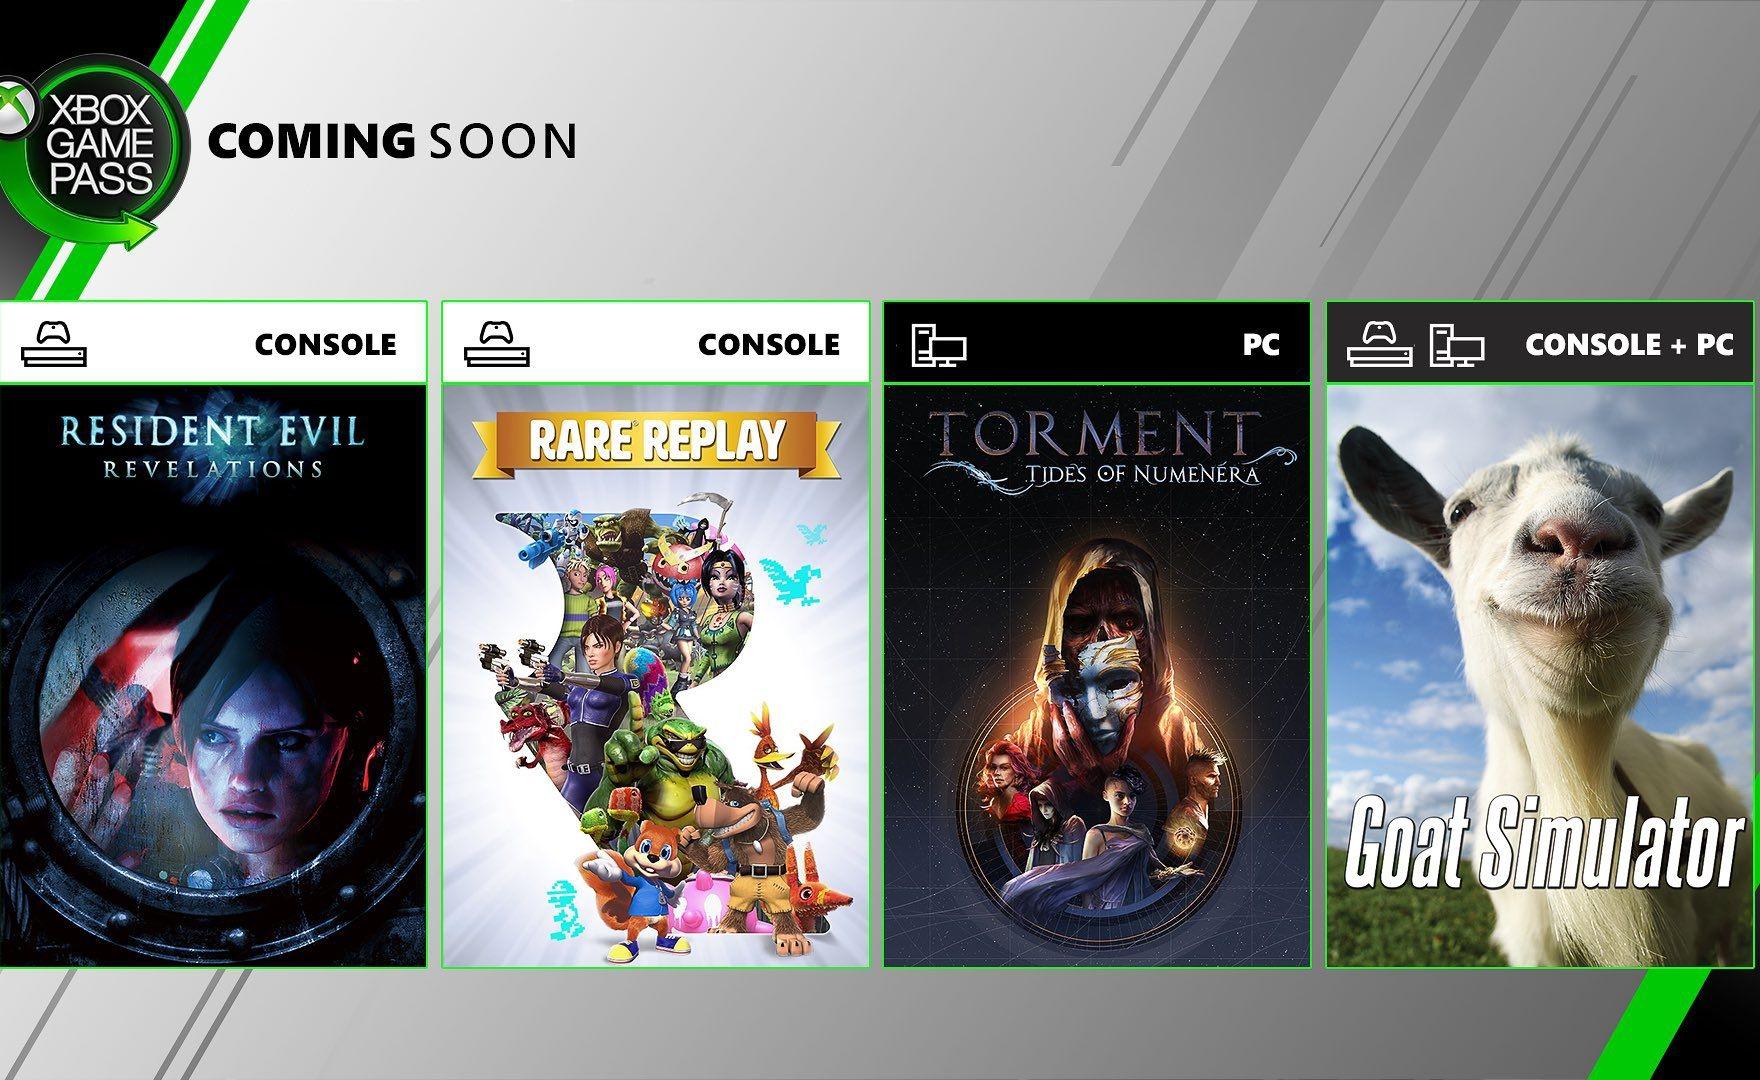 Xbox Game Pass: ecco i giochi di giugno 2019 per Xbox One e PC